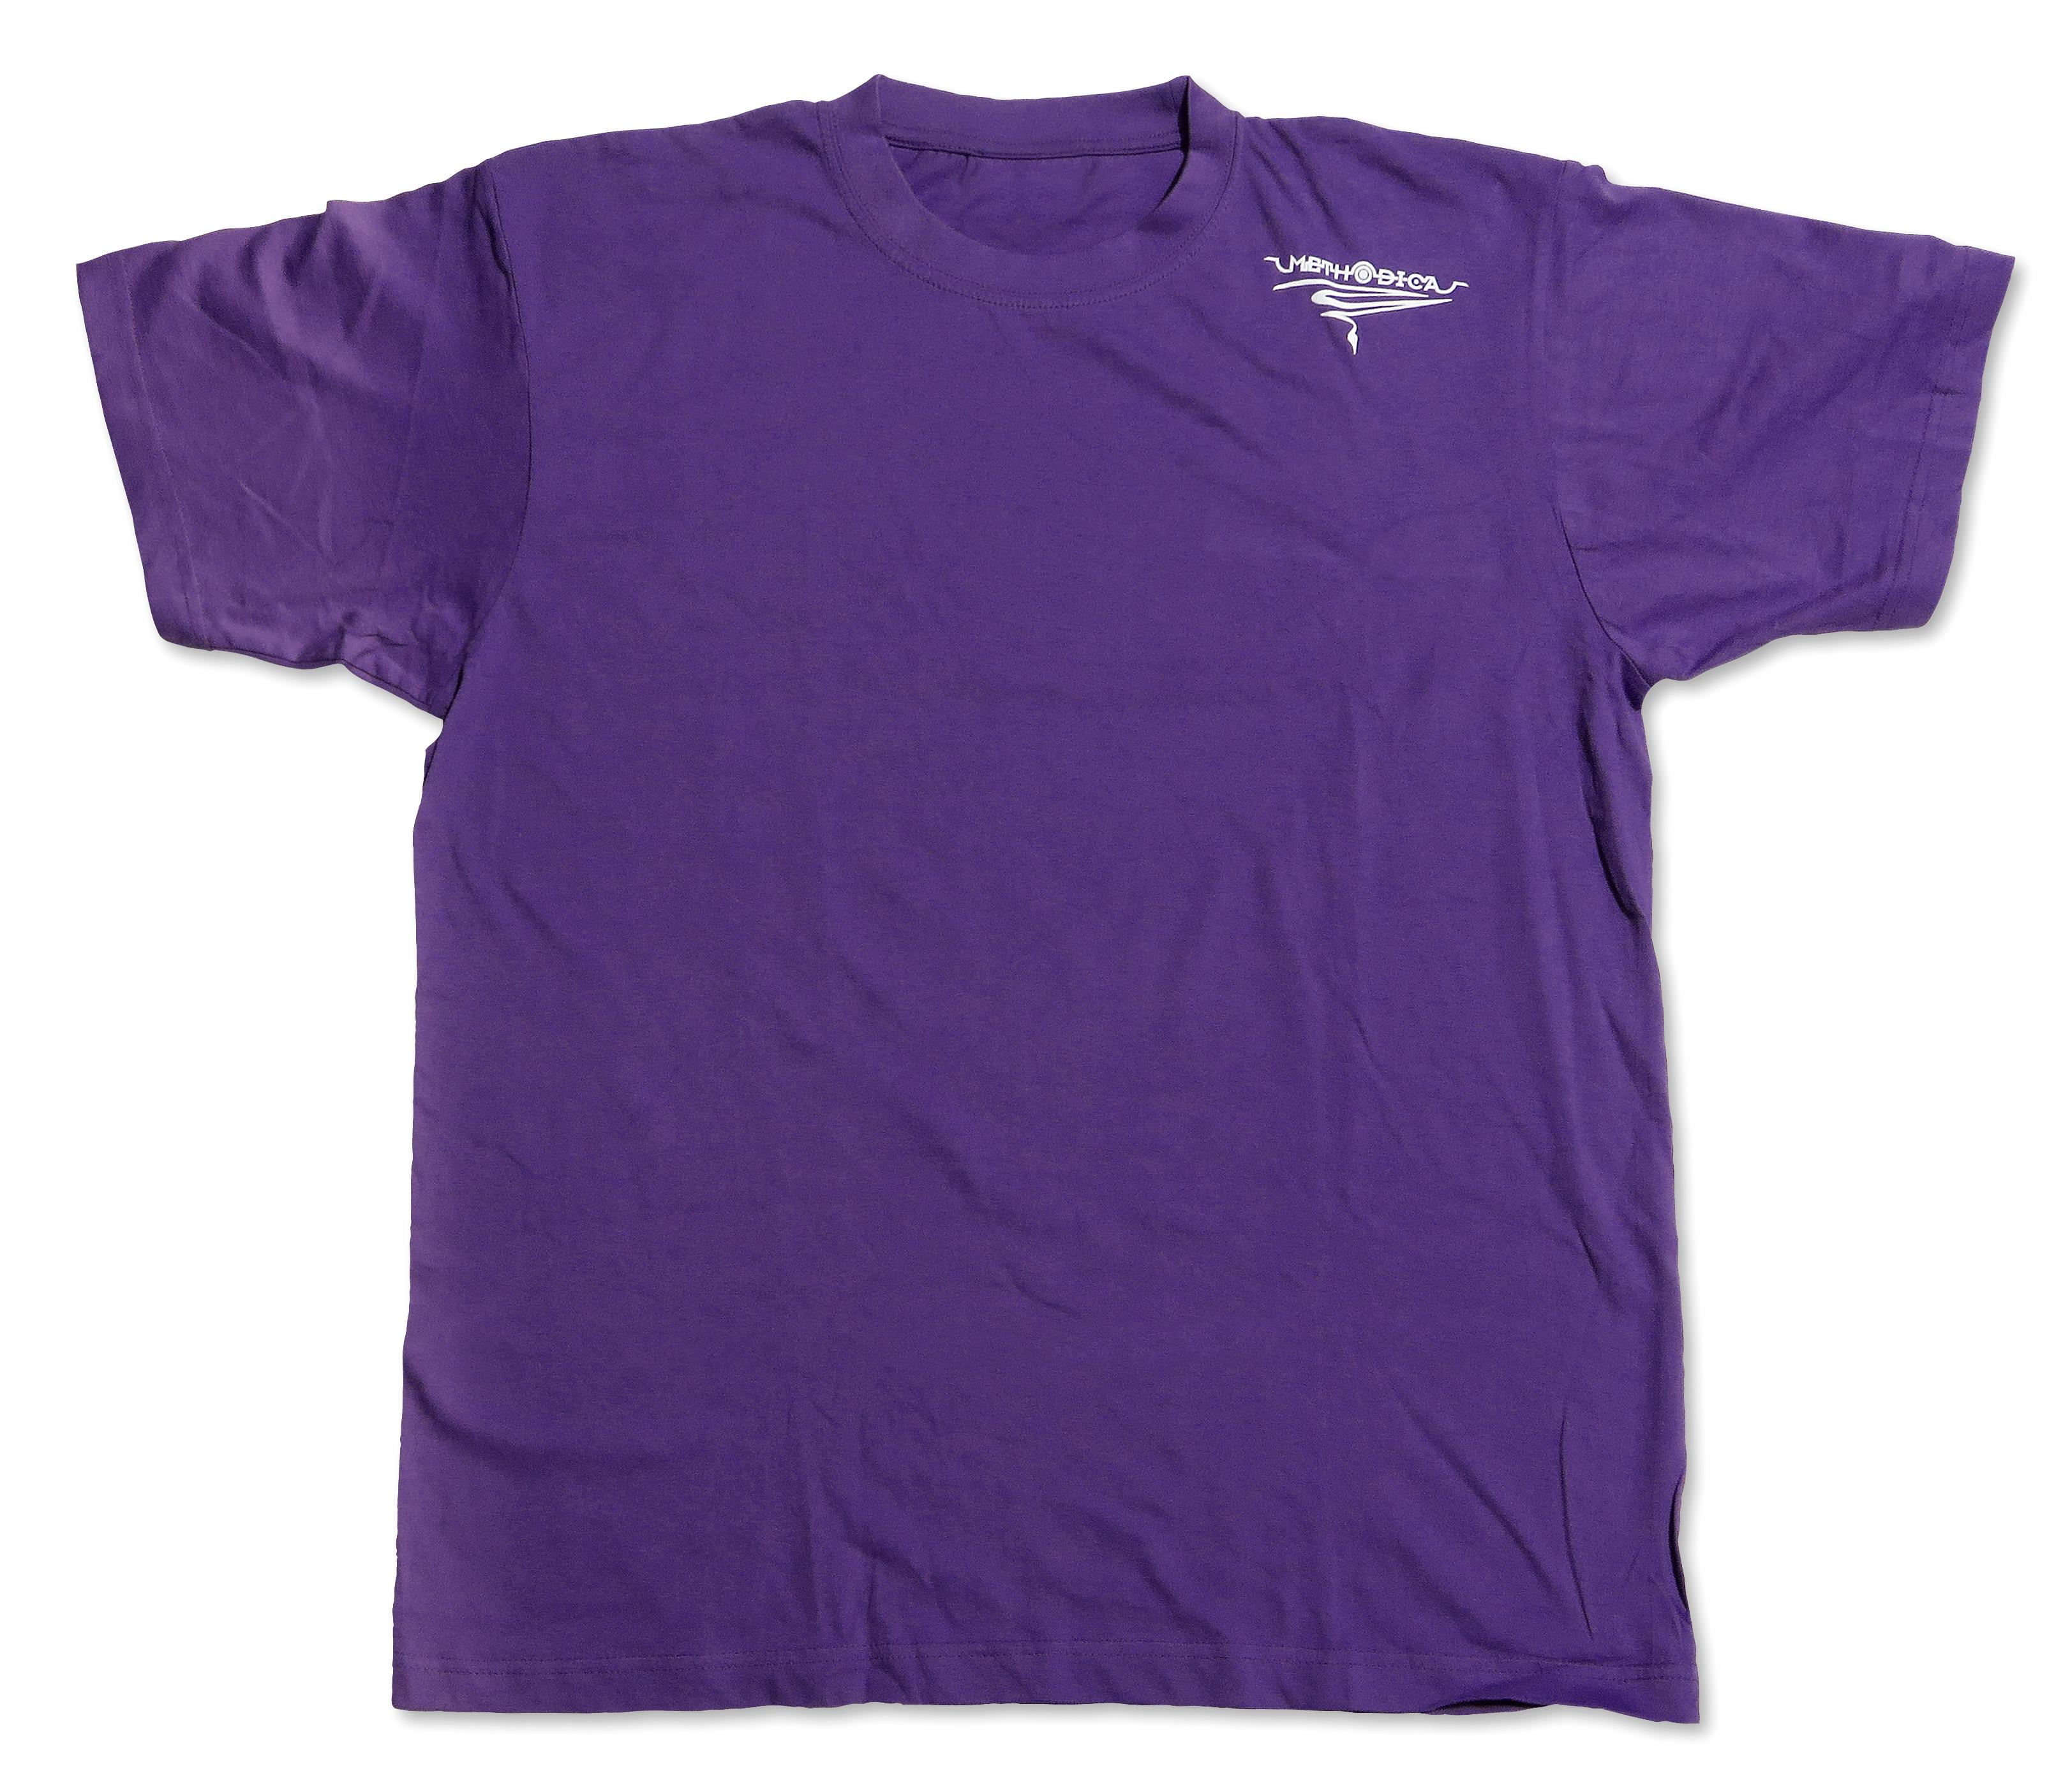 t-shirt SFR unisex violet (front) size S  M  L  XL